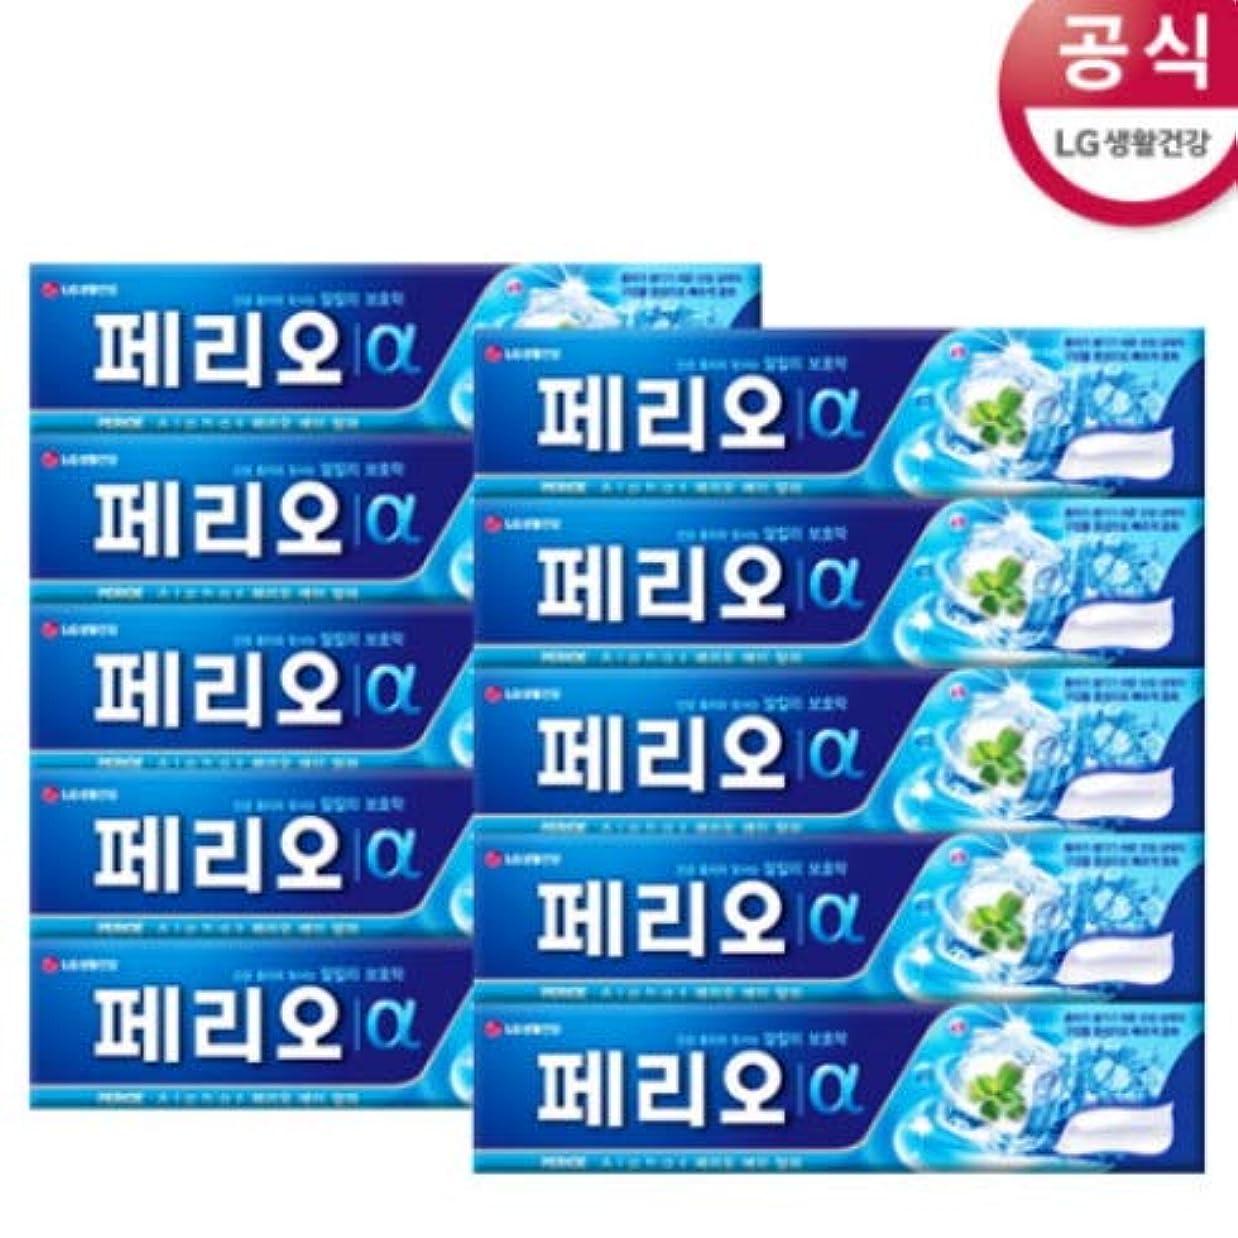 床遺産共同選択[LG HnB] Perio Alpha Toothpaste/ペリオアルファ歯磨き粉 170gx10個(海外直送品)